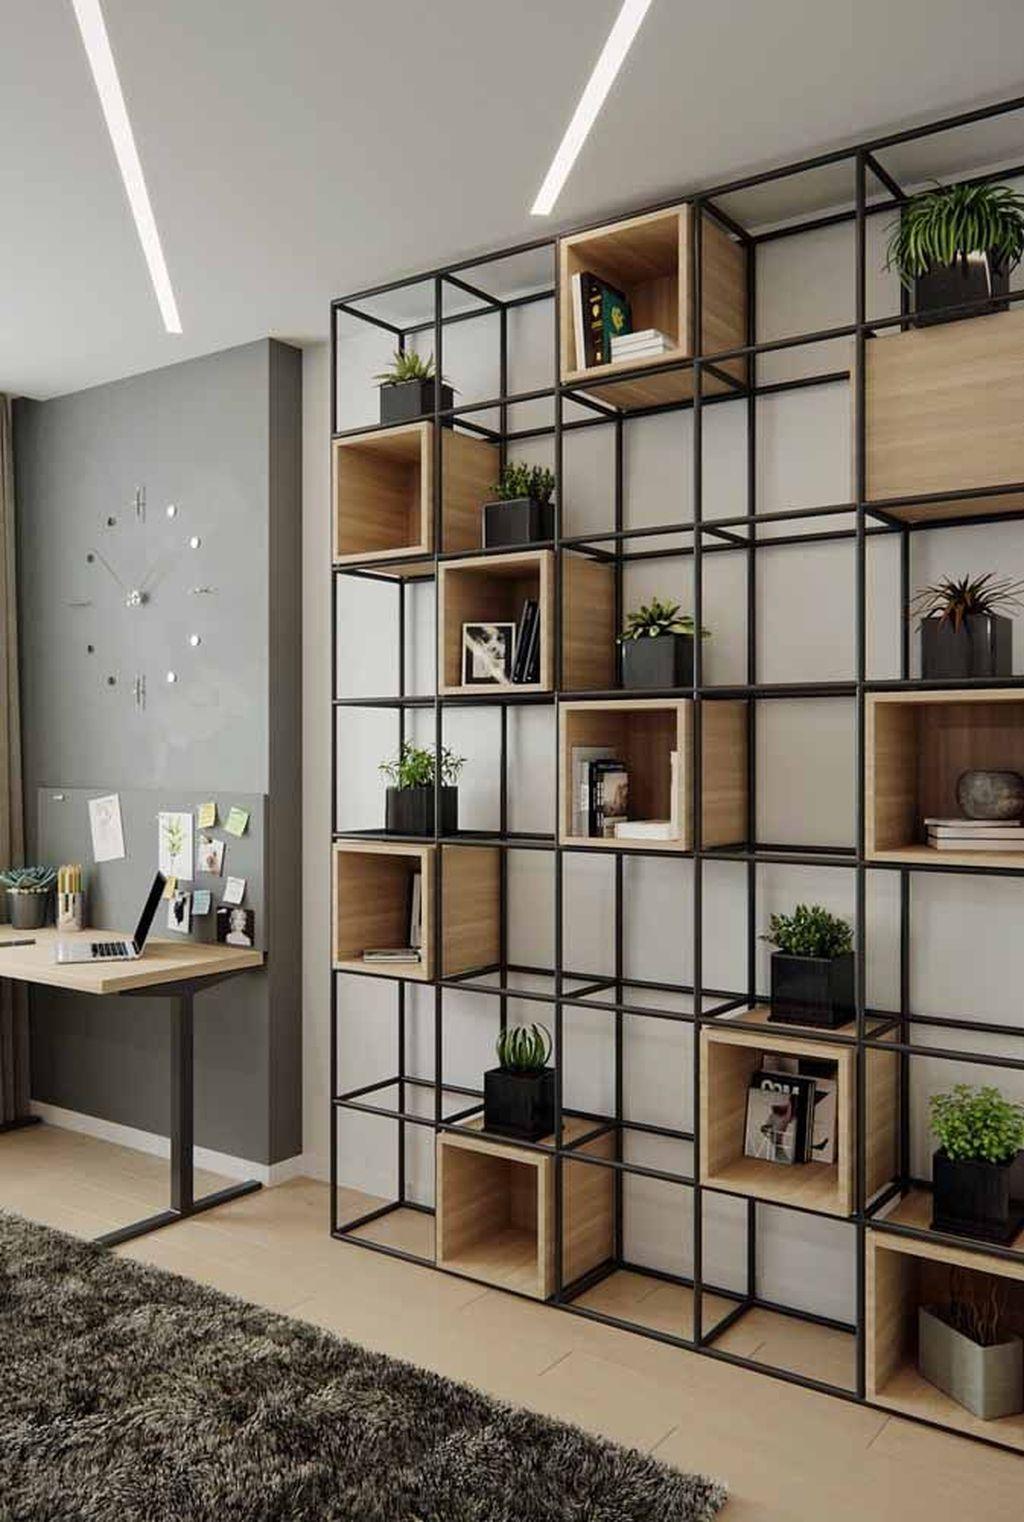 Elegant Bookshelves Decor Ideas That Trending Today 21